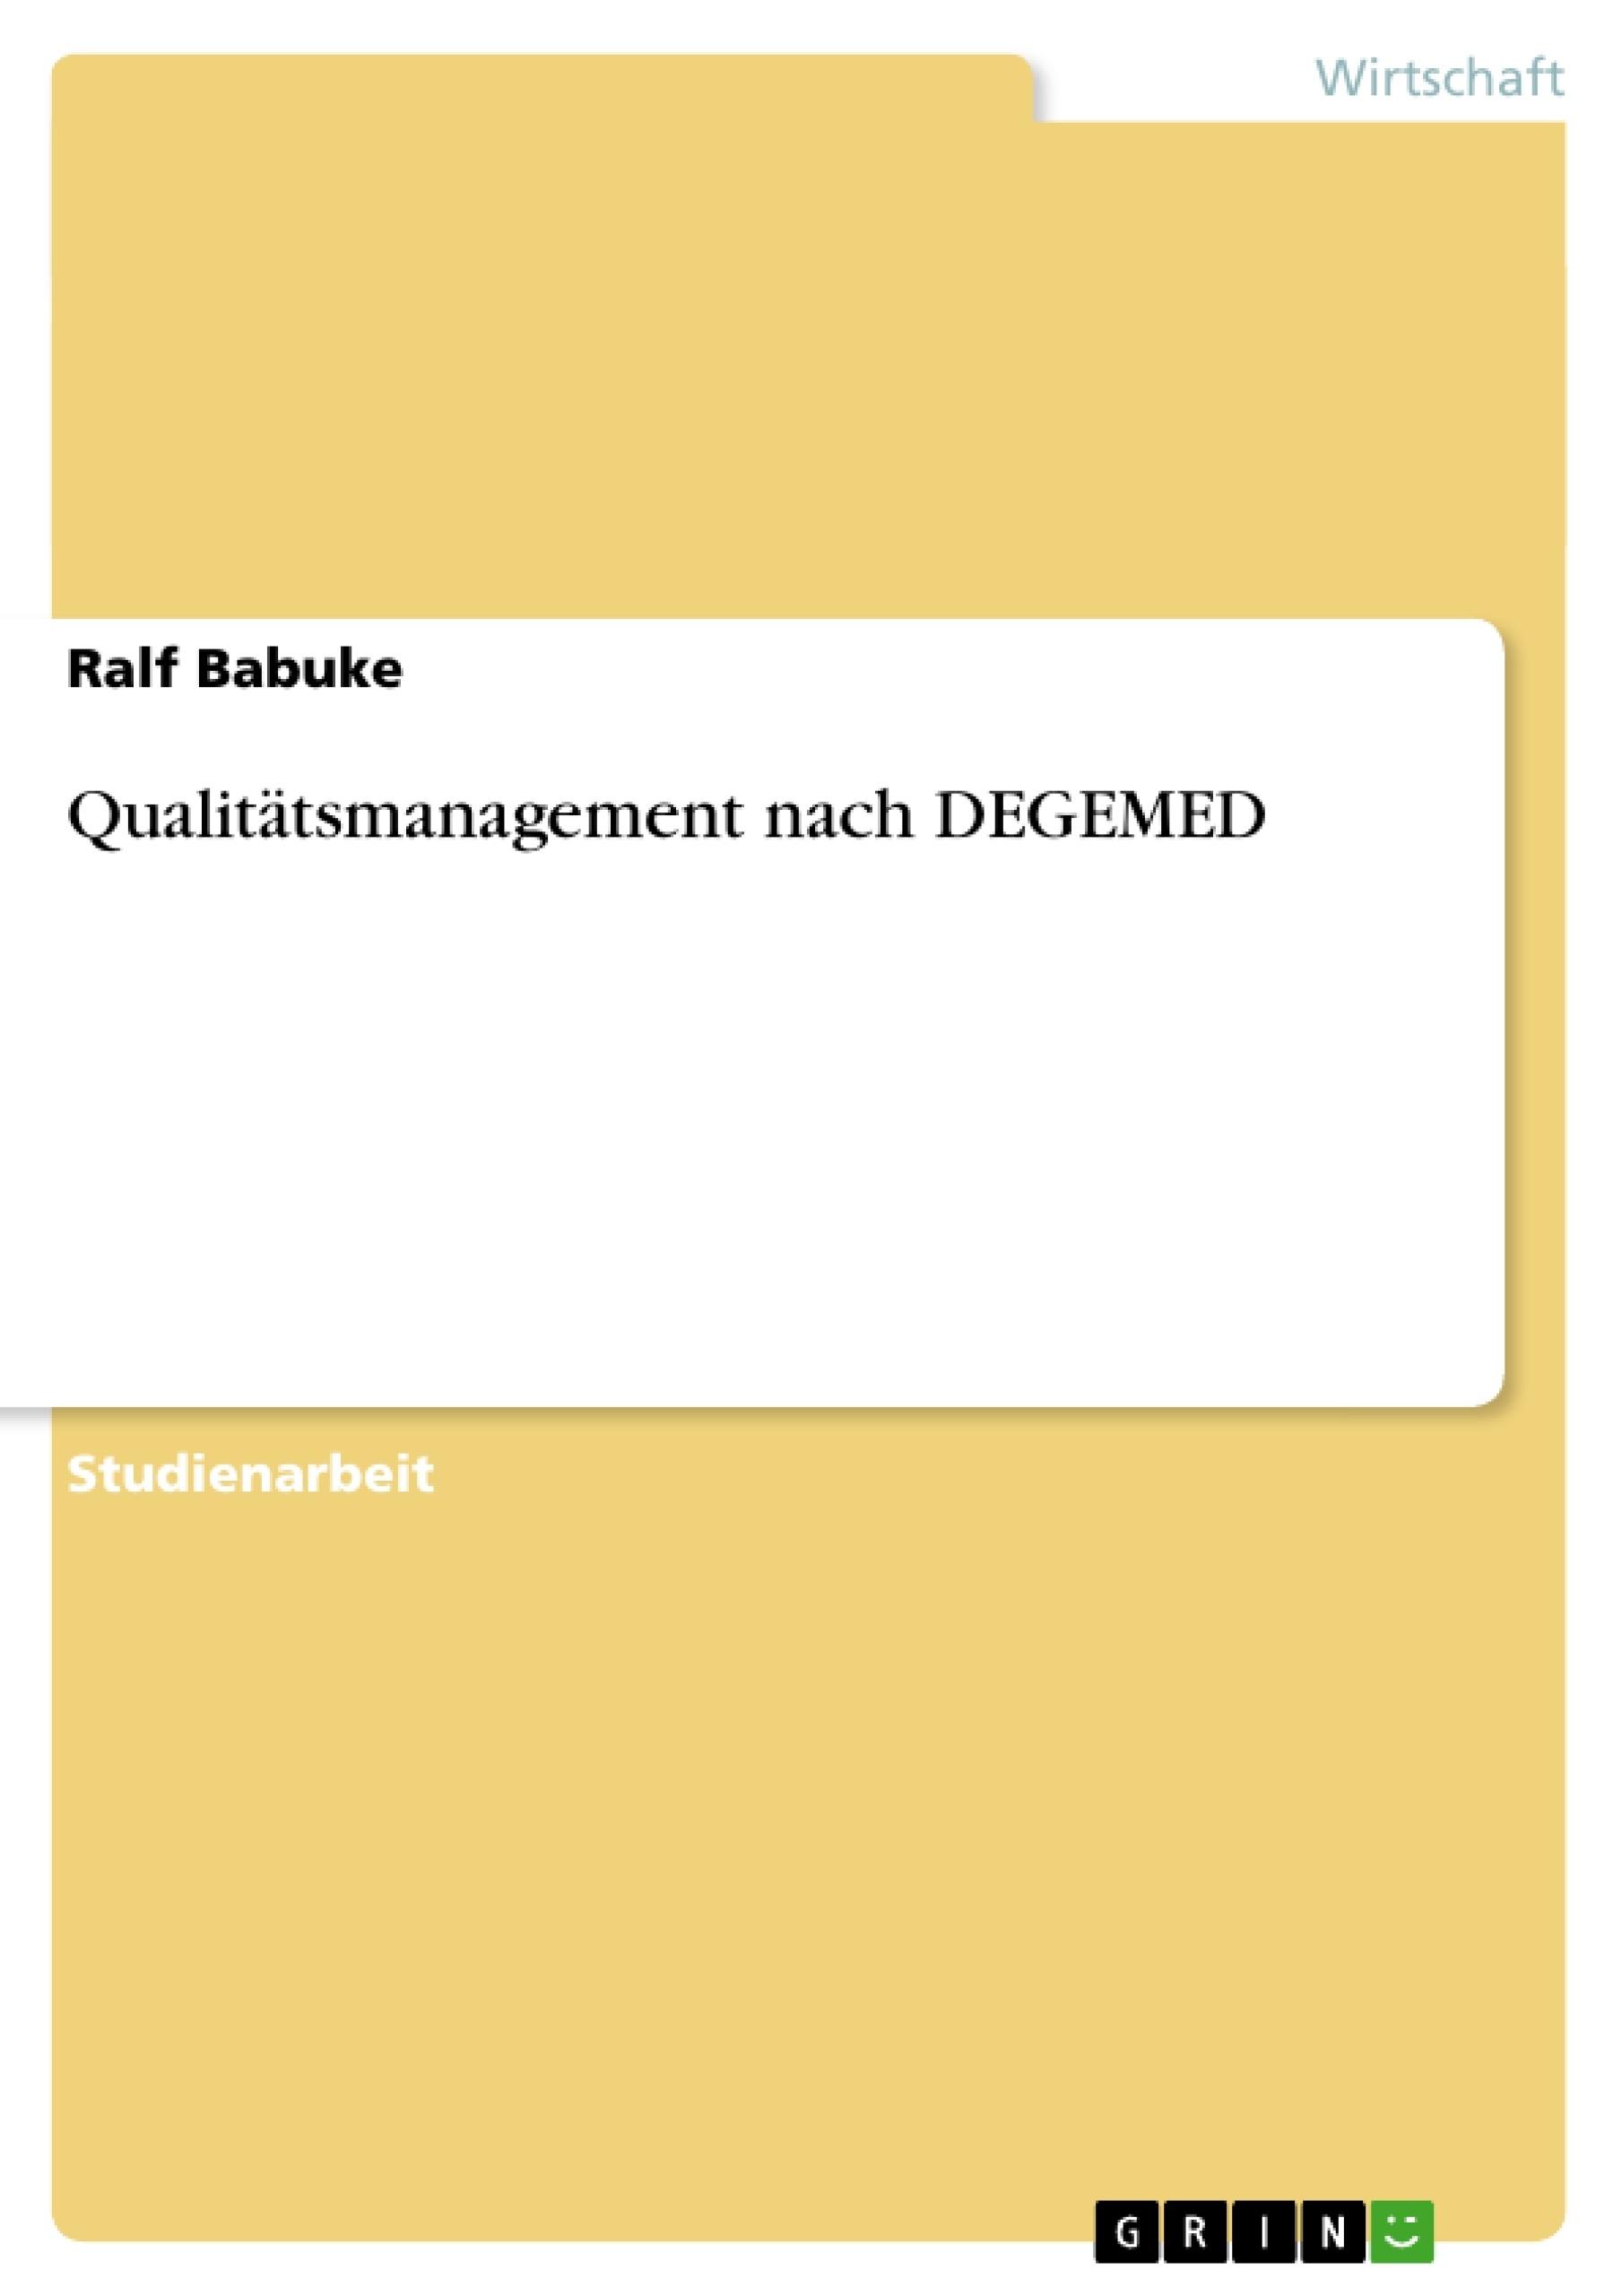 Titel: Qualitätsmanagement nach DEGEMED